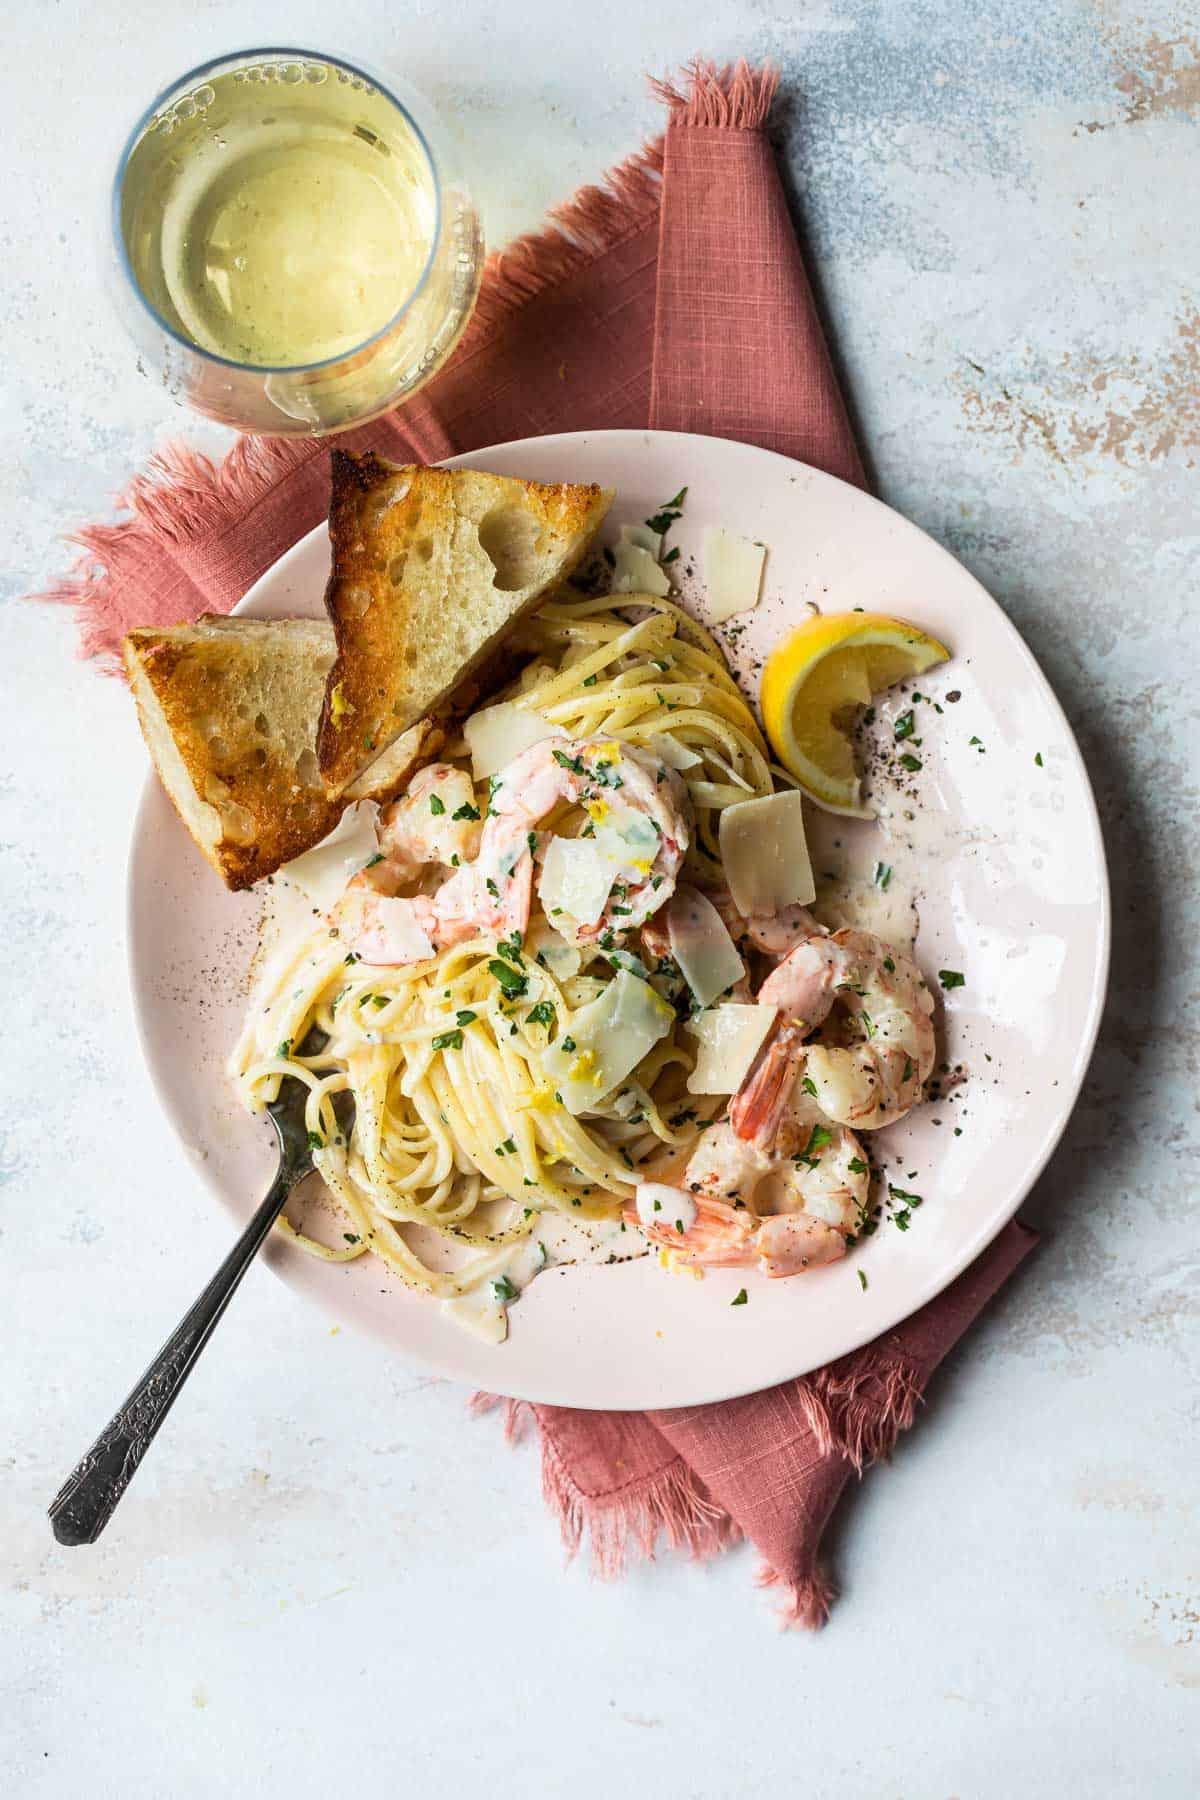 lemon shrimp pasta with Parmesan cream sauce.